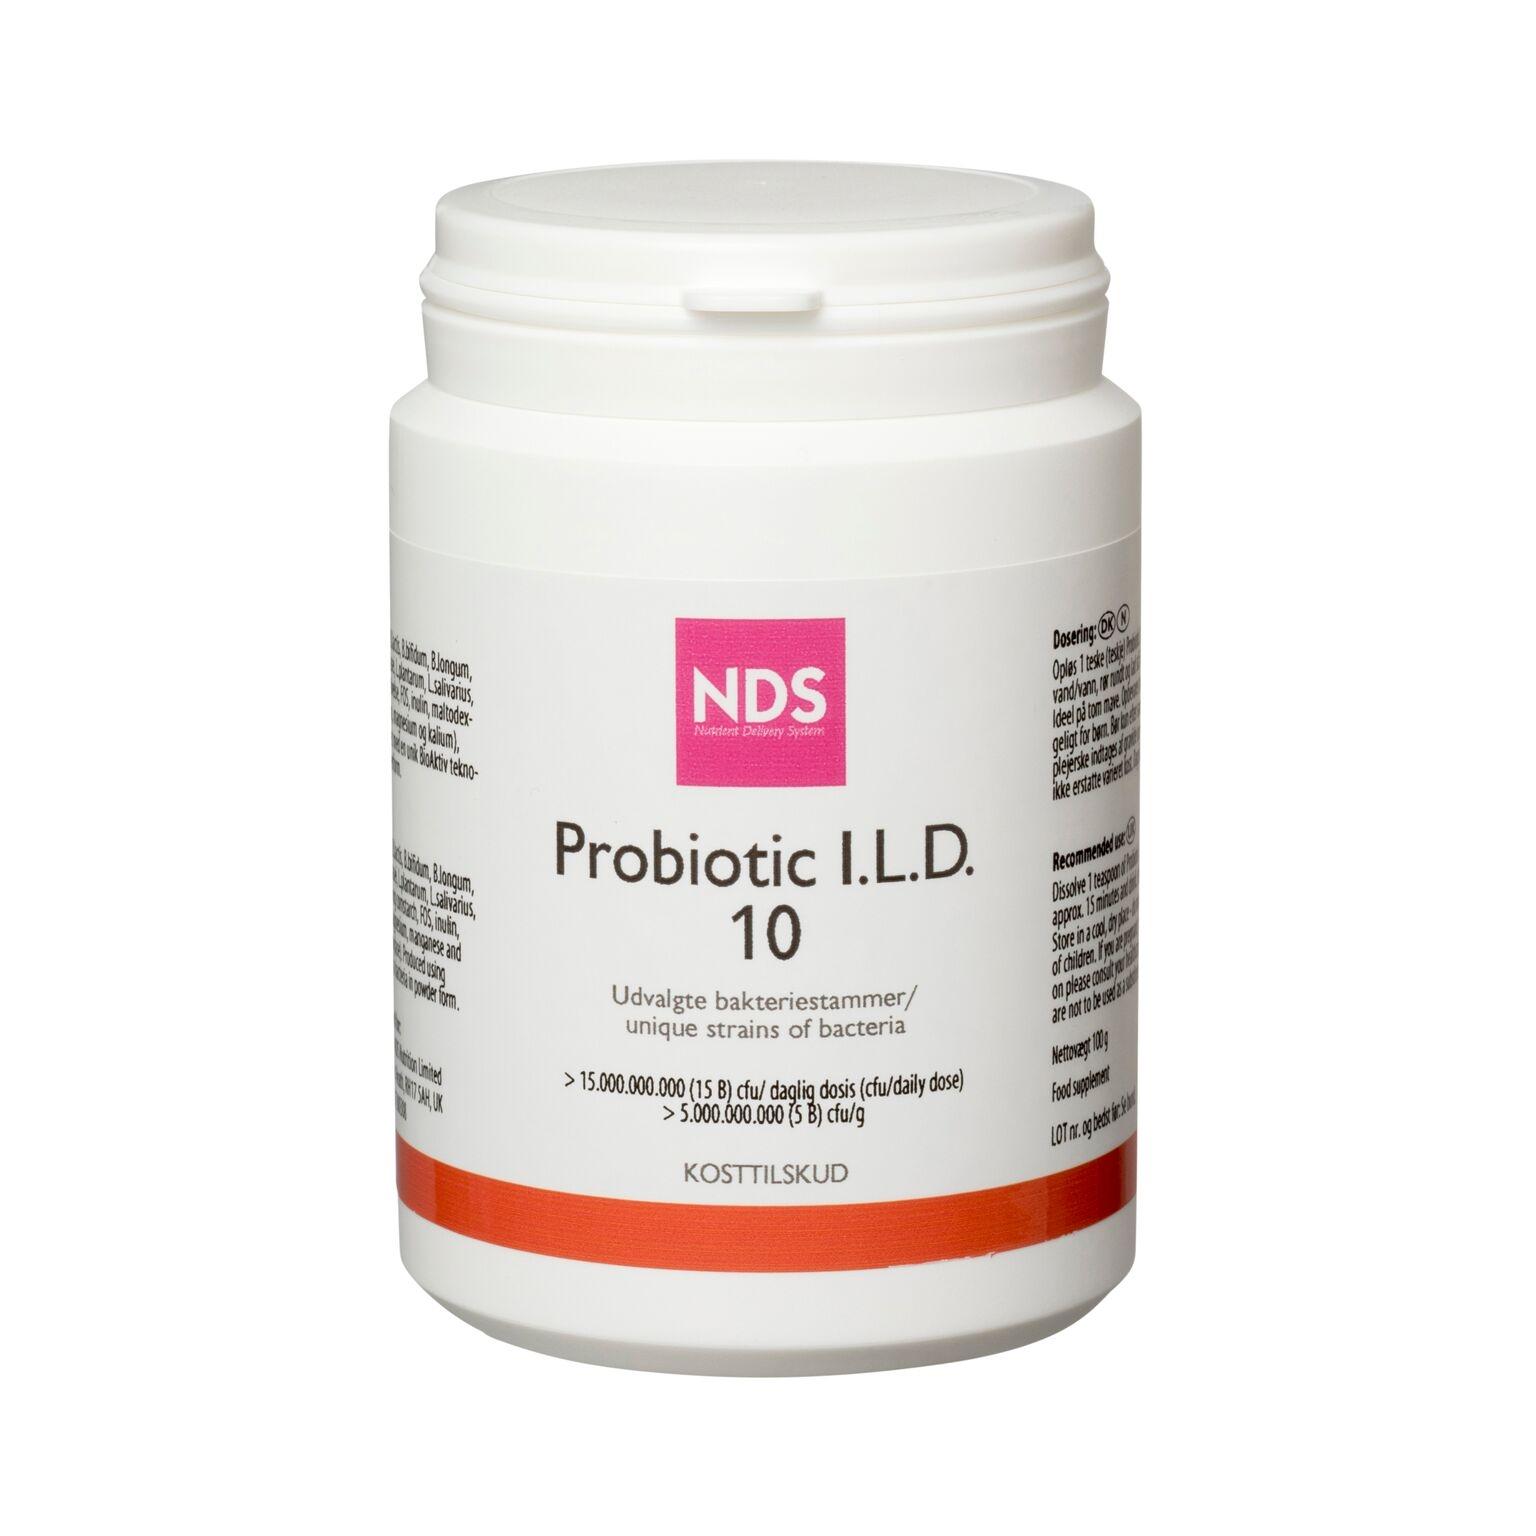 Image of I.L.D. 10 Probiotic NDS - 100 gram